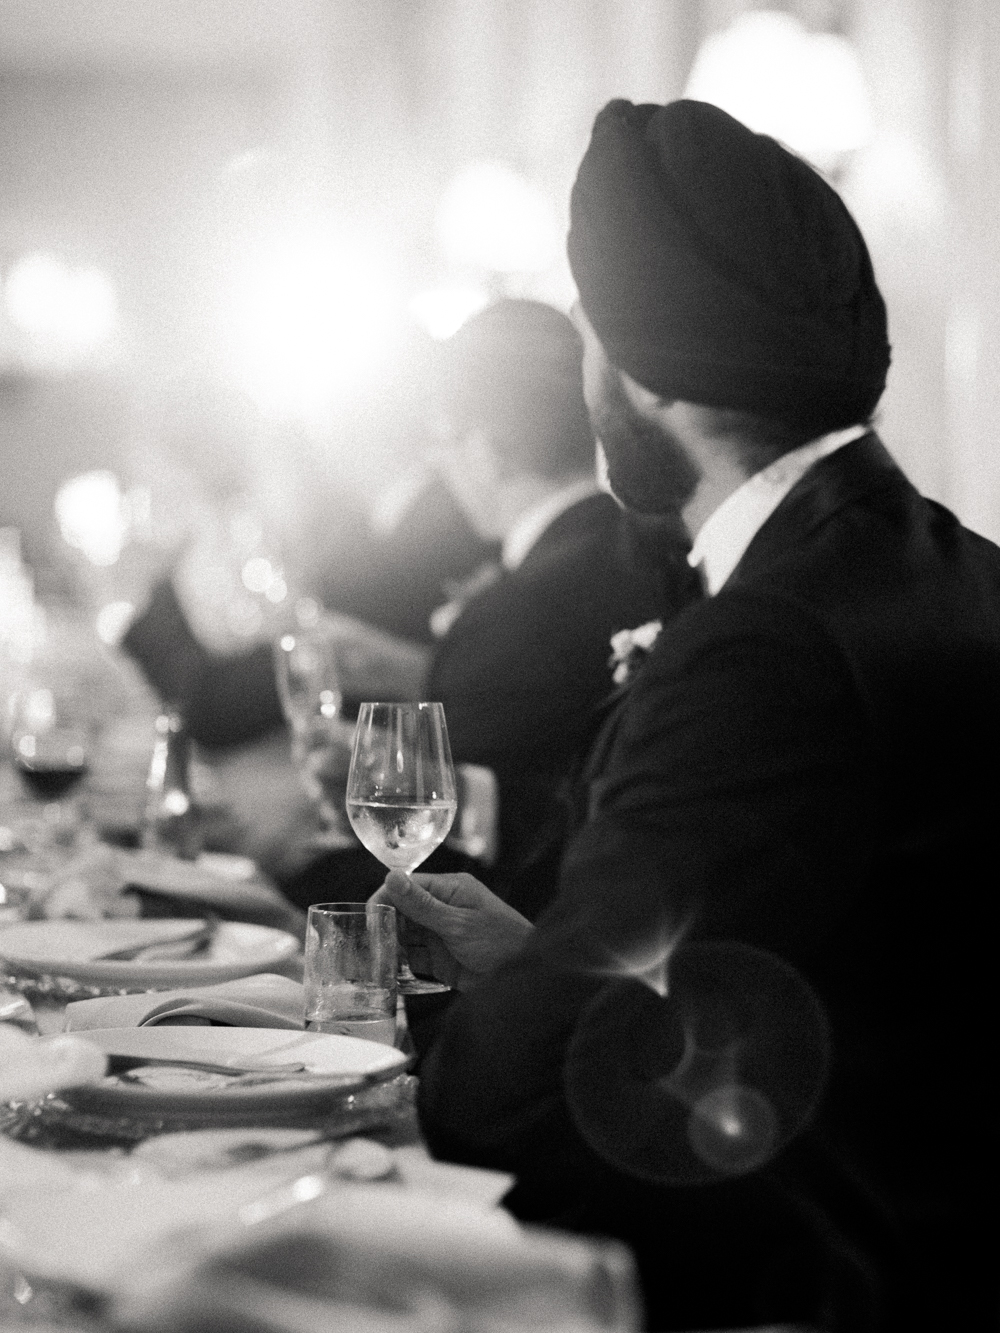 0070-When-He-Found-Her-Muskoka-JW Marriott-The Rosseau-shea-events-sweet-woodruff-canadian-resort-wedding.jpg